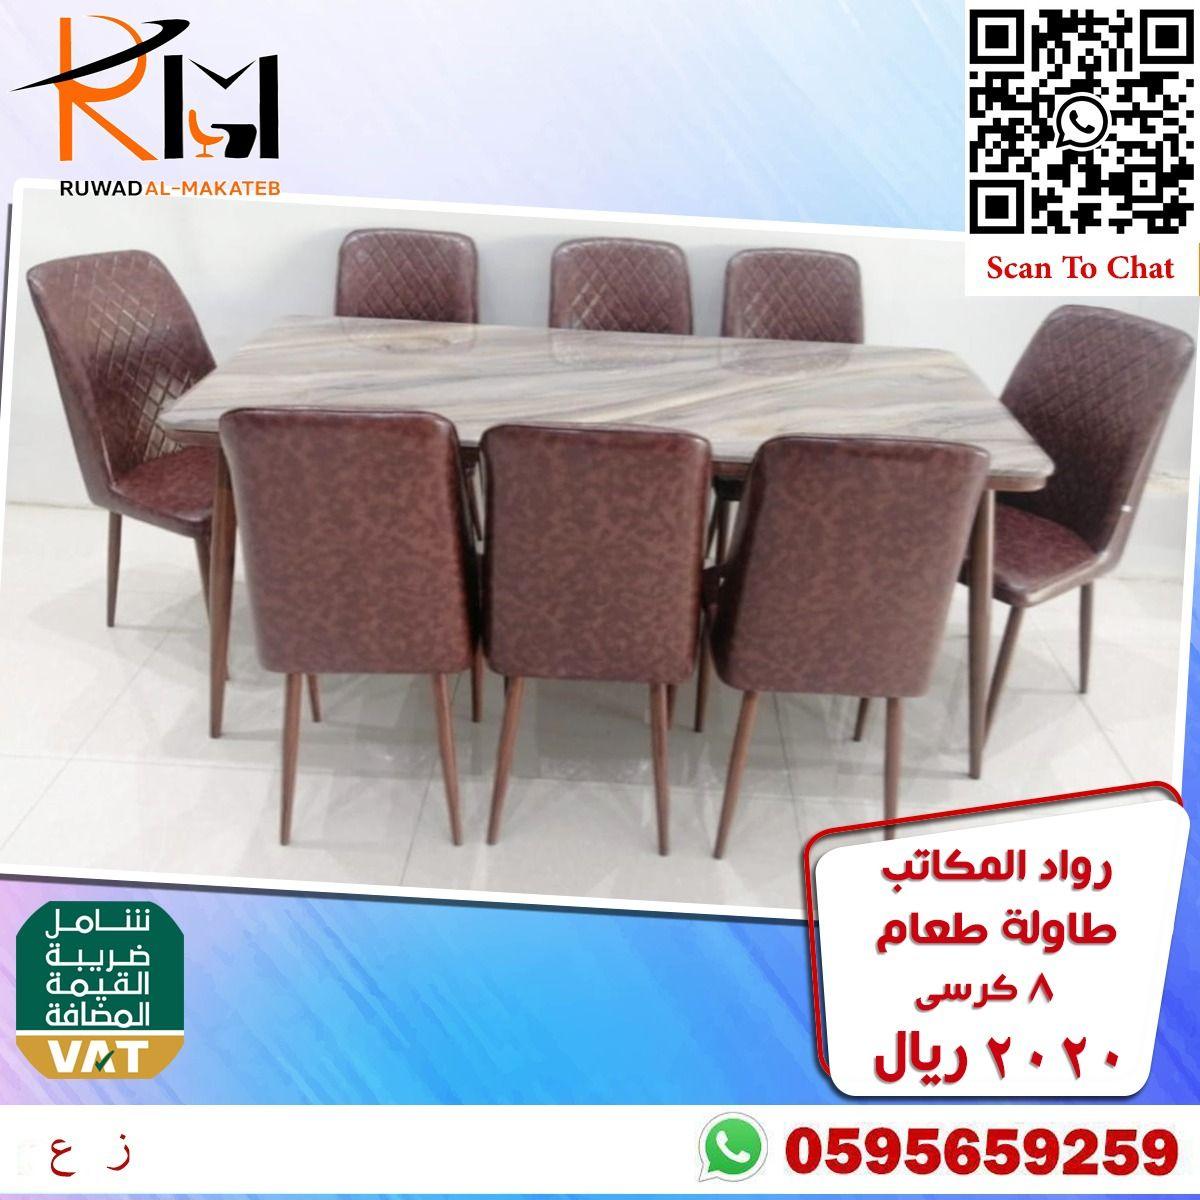 طاولة طعام بني مودرن In 2021 Home Decor Furniture Coffee Table